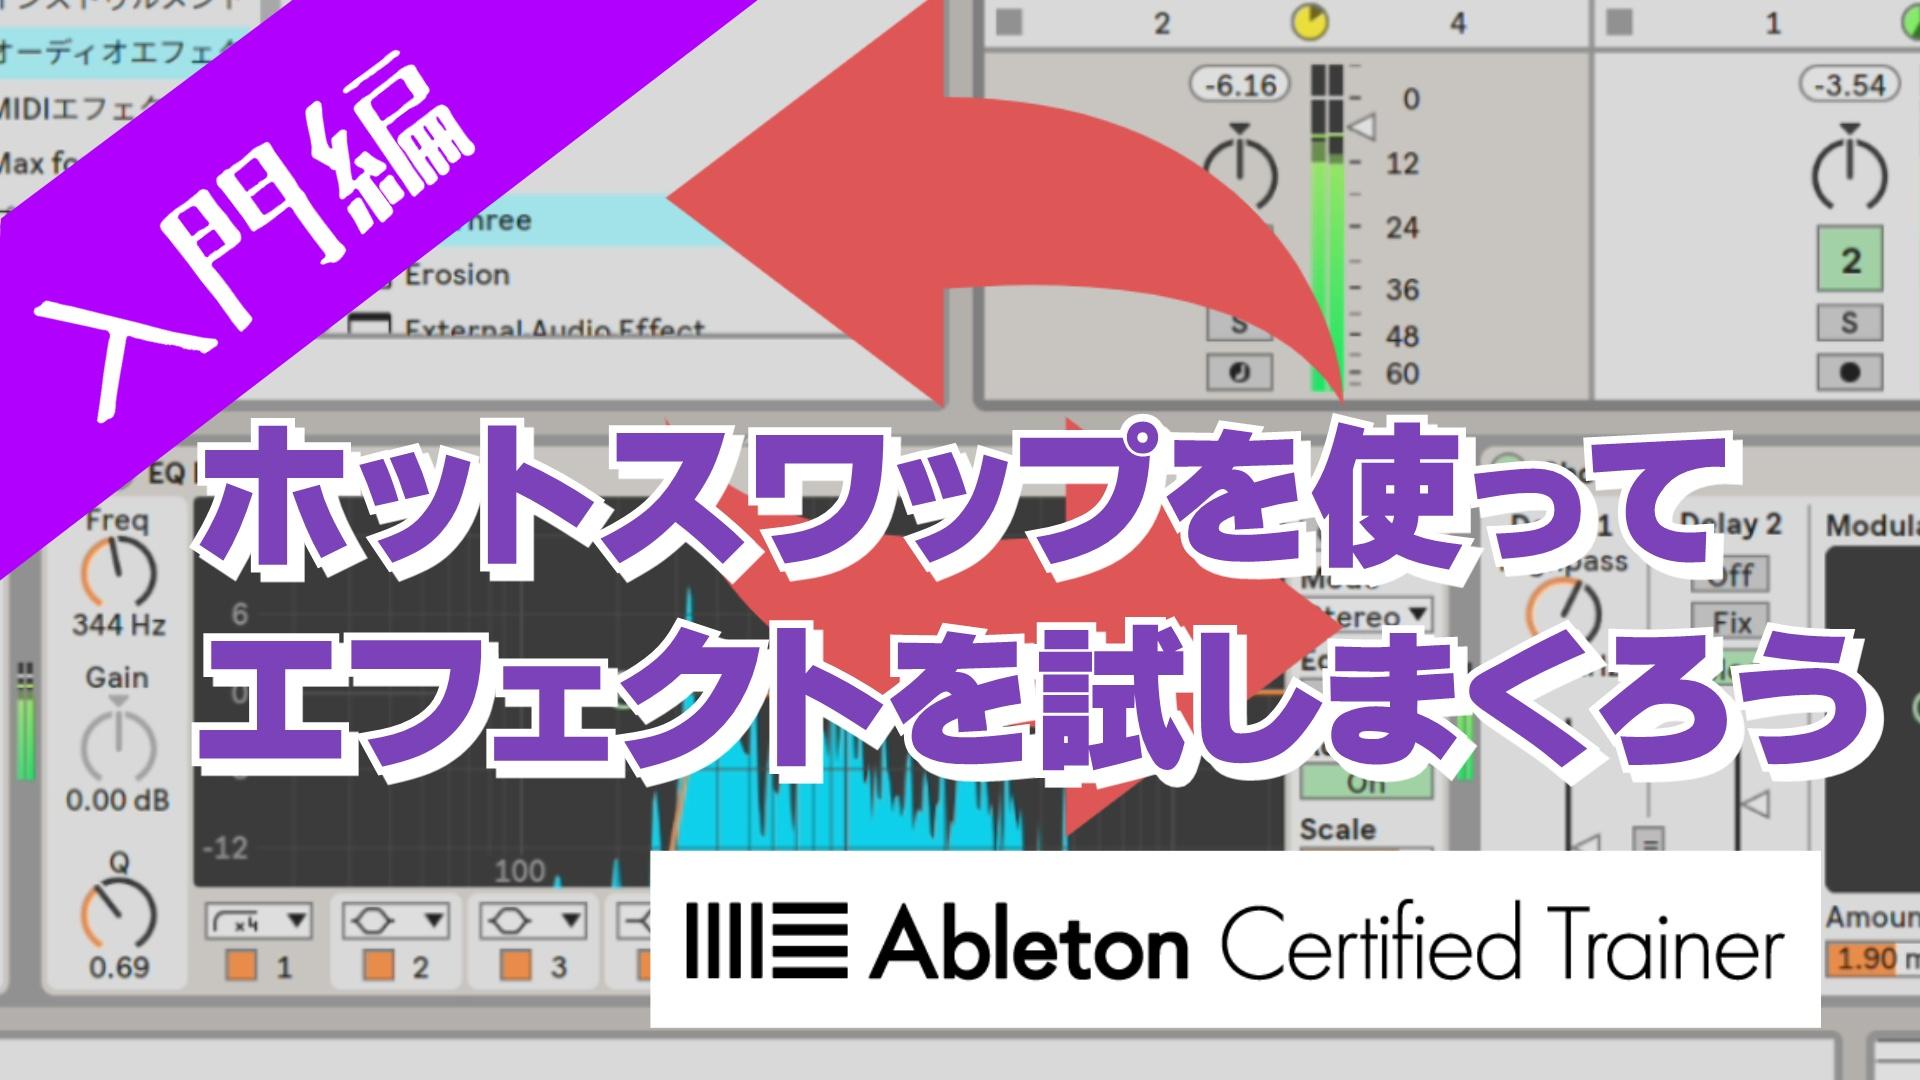 ホットスワップを使ってエフェクトを試しまくろう~Ableton Live講座~入門編#10